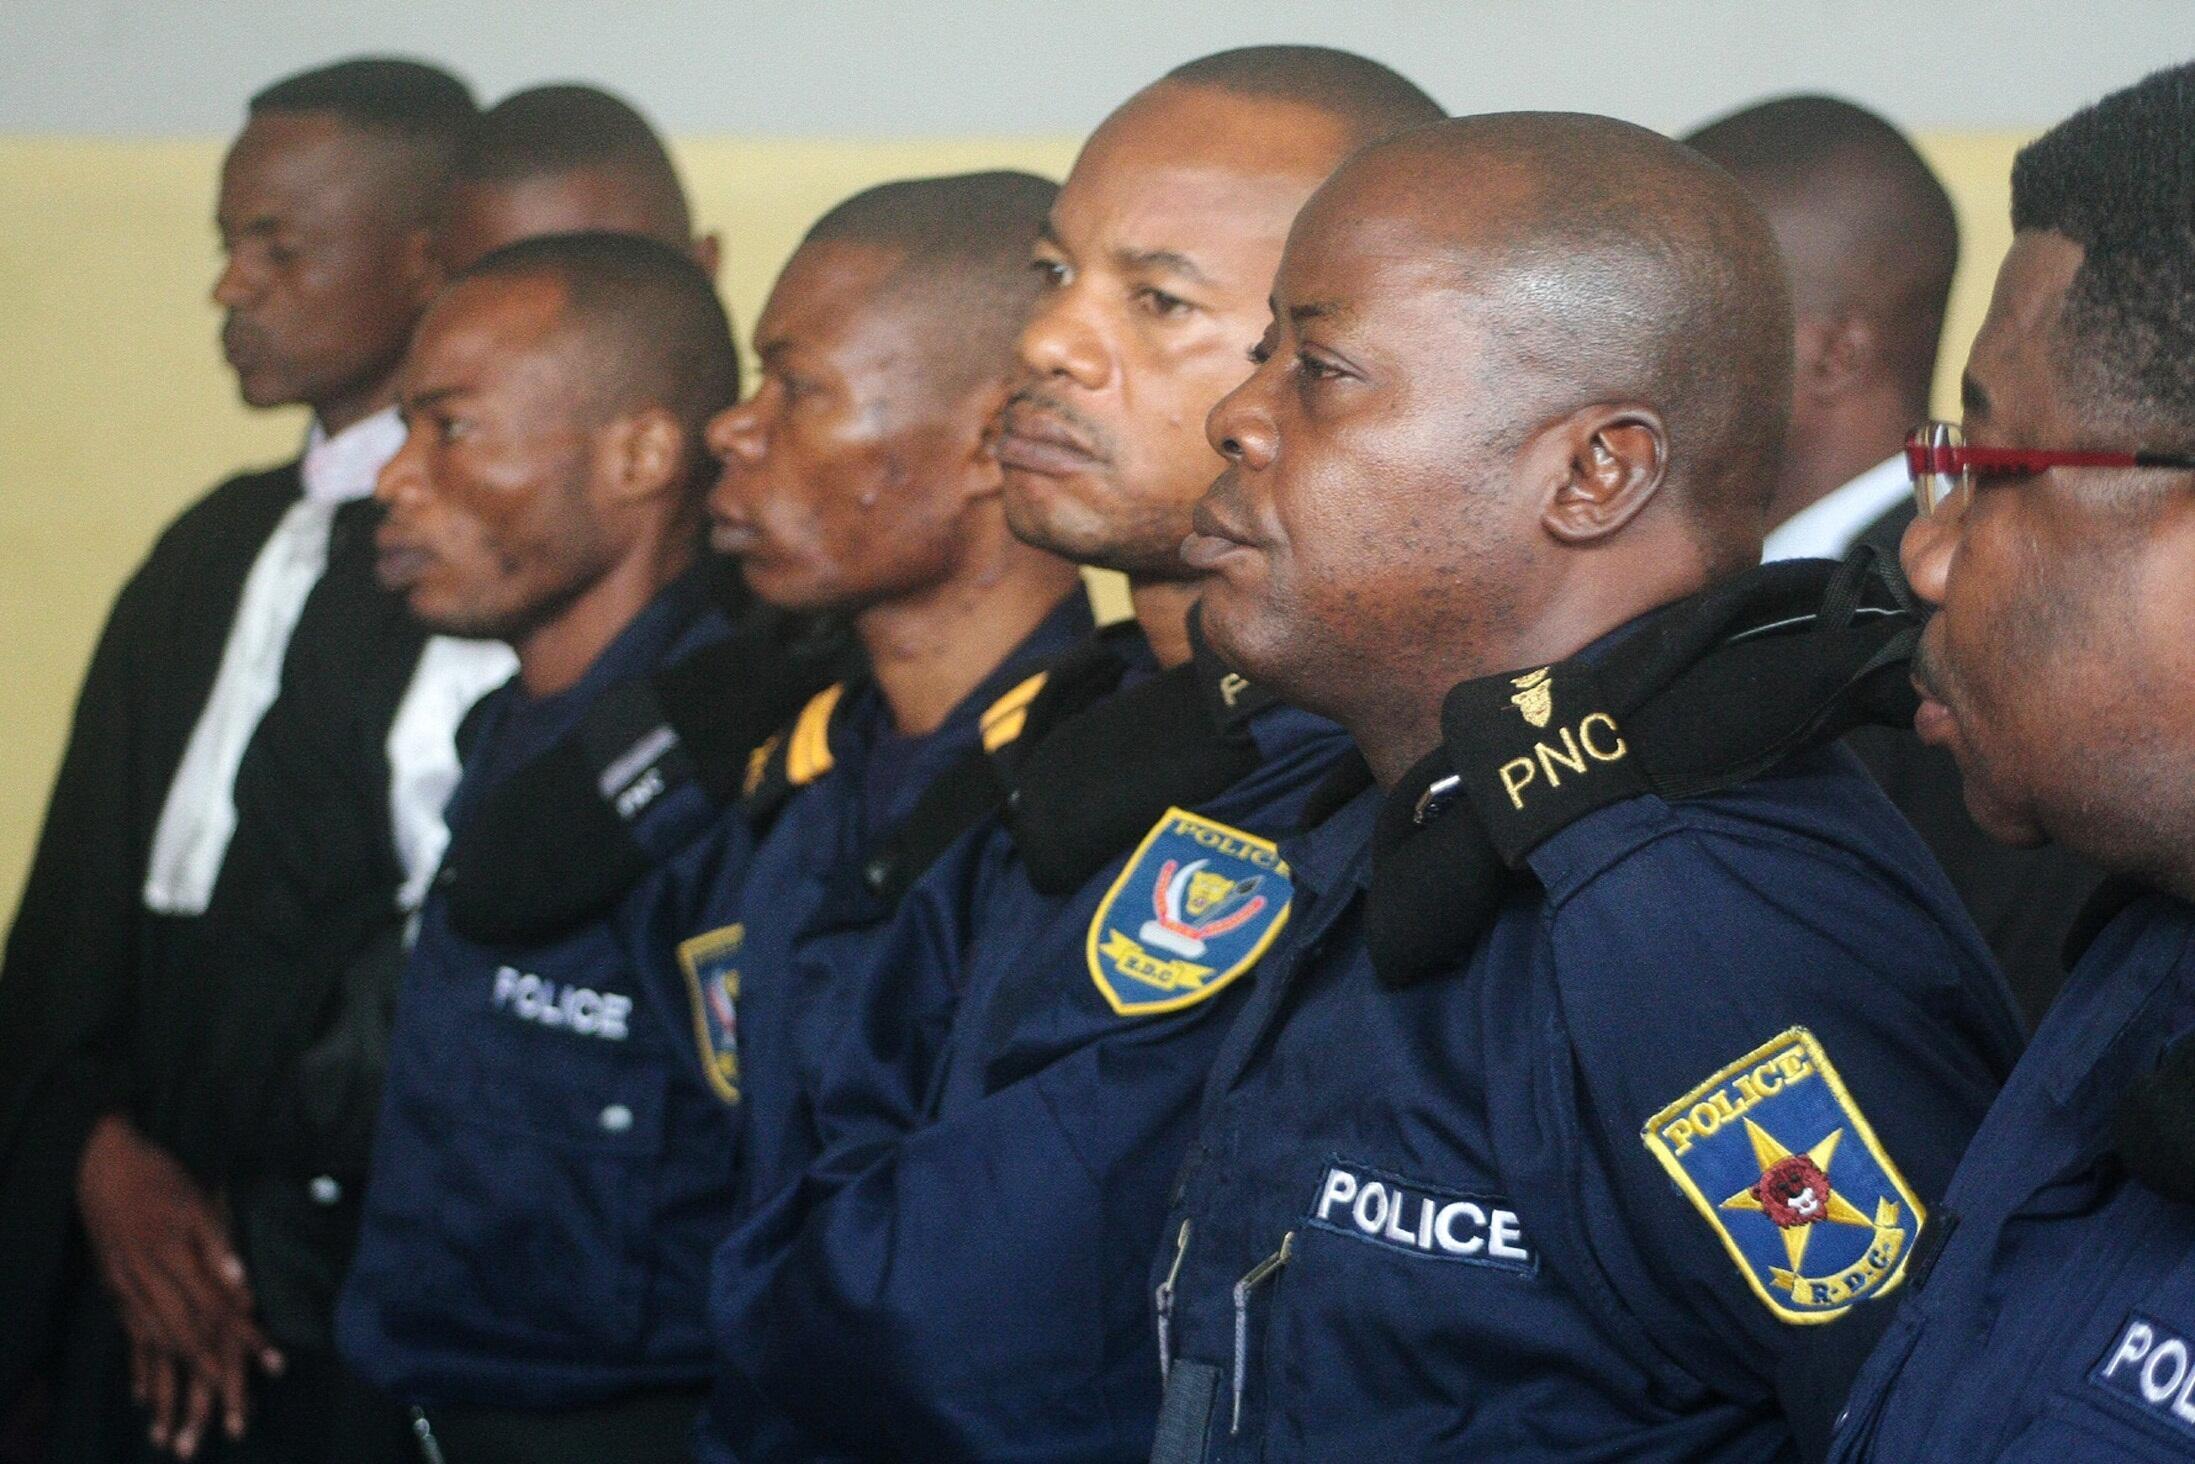 Picha ikimuonesha mkuu wa zamani wa Polisi nchini DRC, John Numbi  wa pili kulia ambaye anadaiwa kuhusika katika mauaji ya Floribert Chebeya.